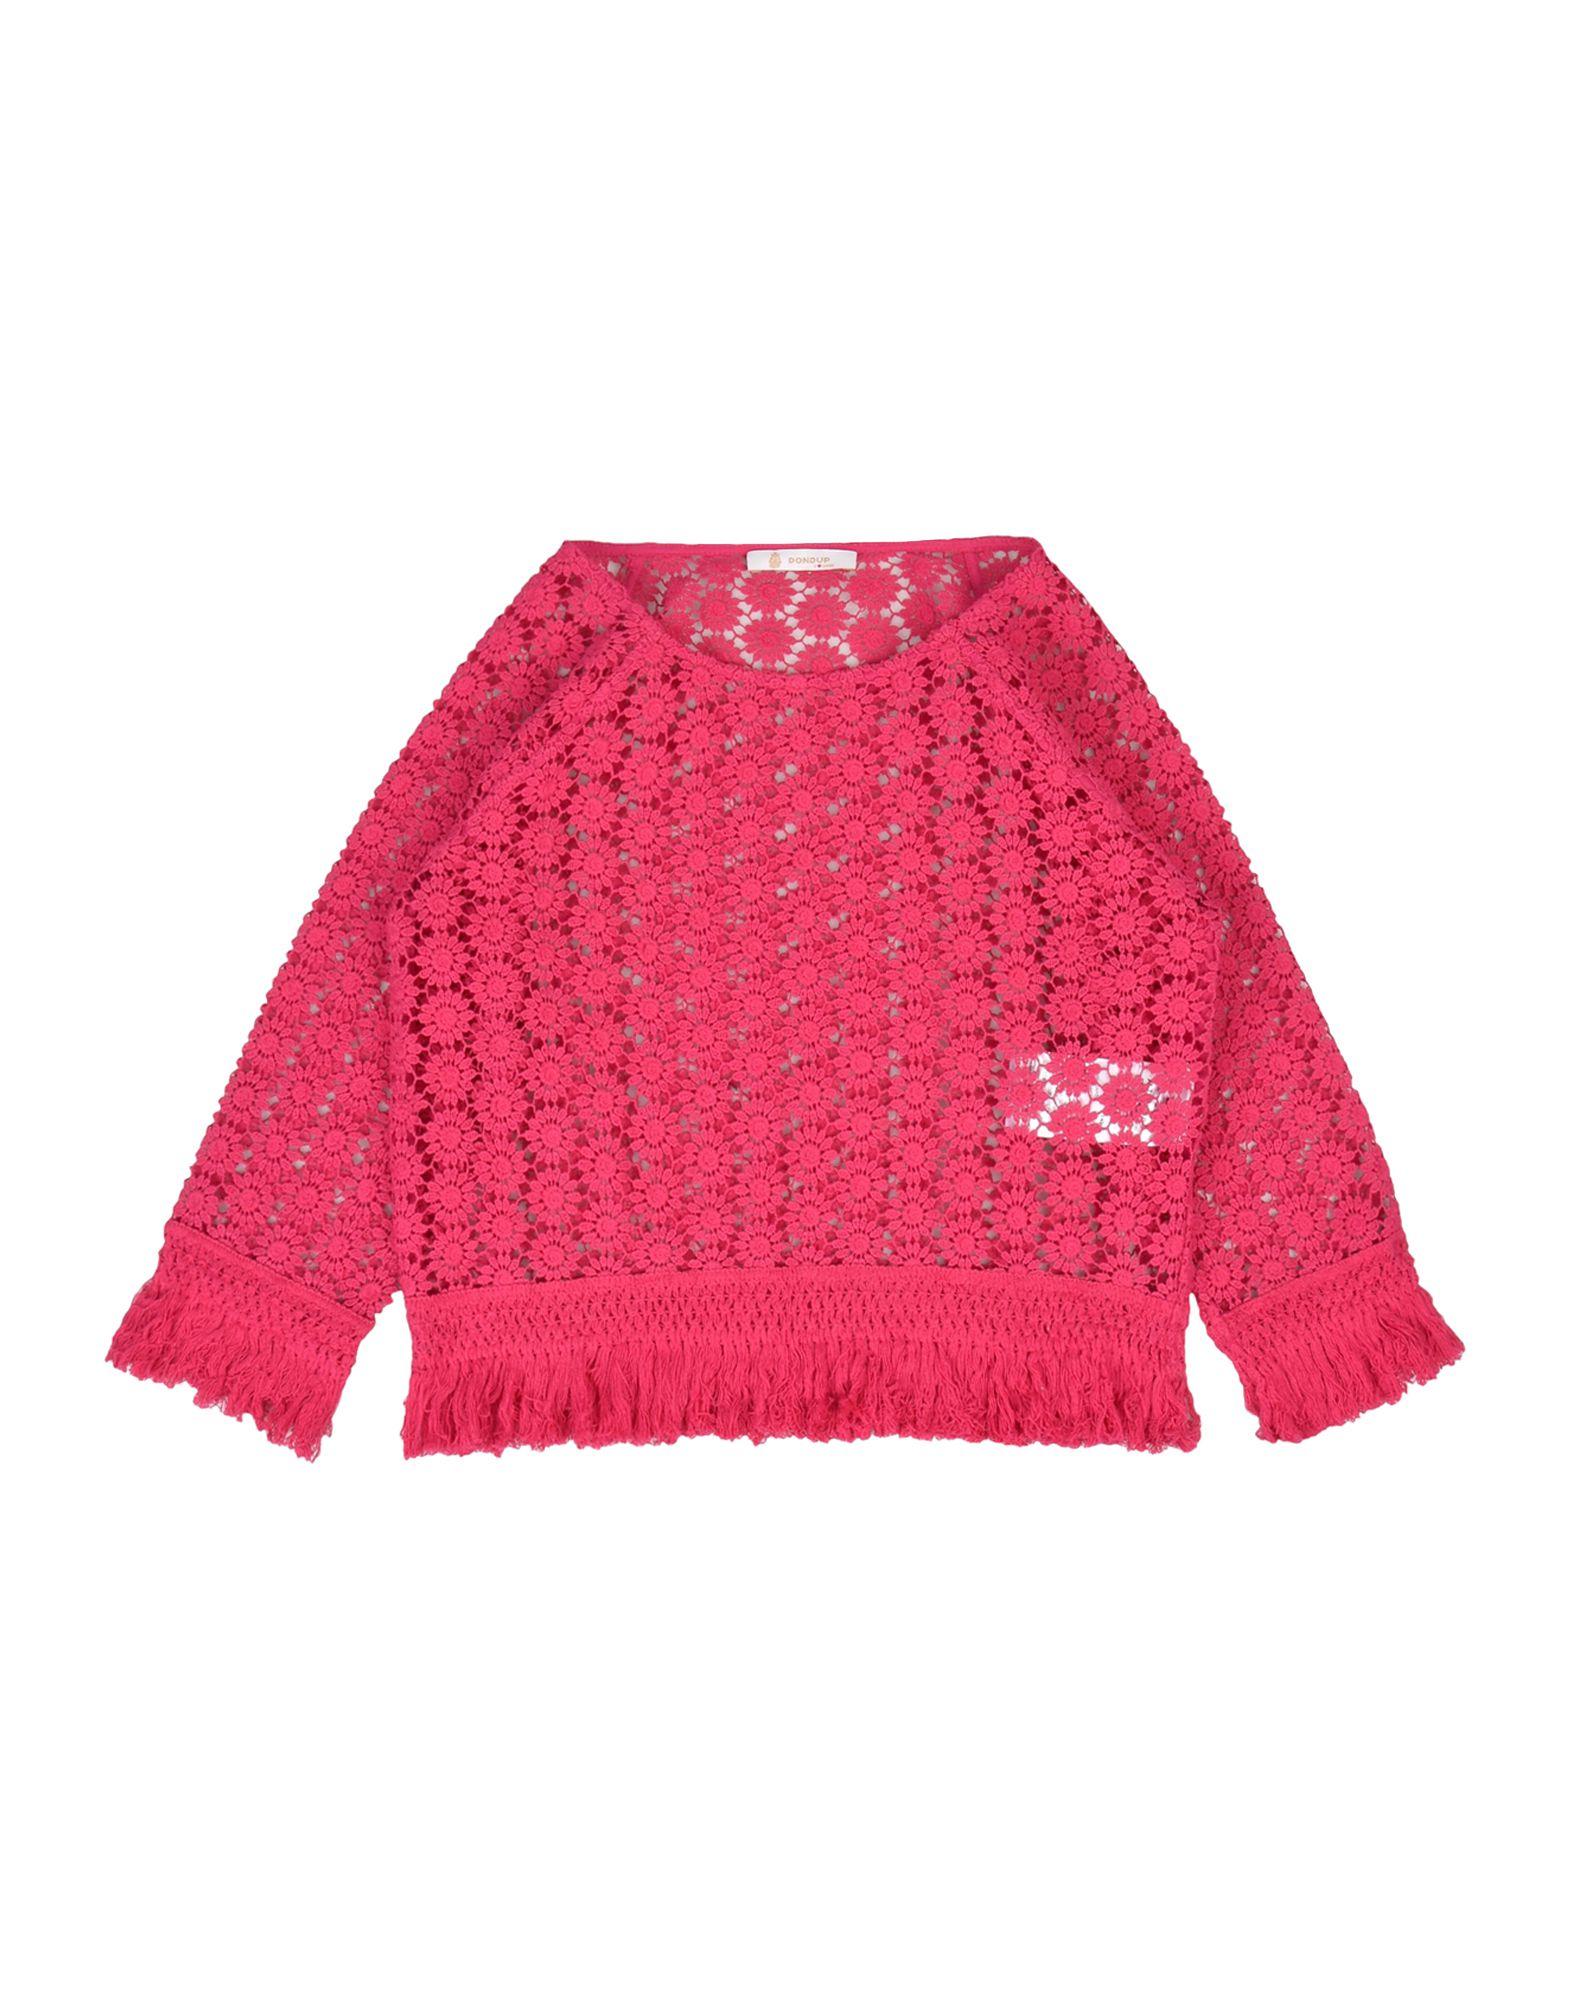 DONDUP DQUEEN Mädchen 9-16 jahre Pullover Farbe Fuchsia Größe 6 jetztbilligerkaufen